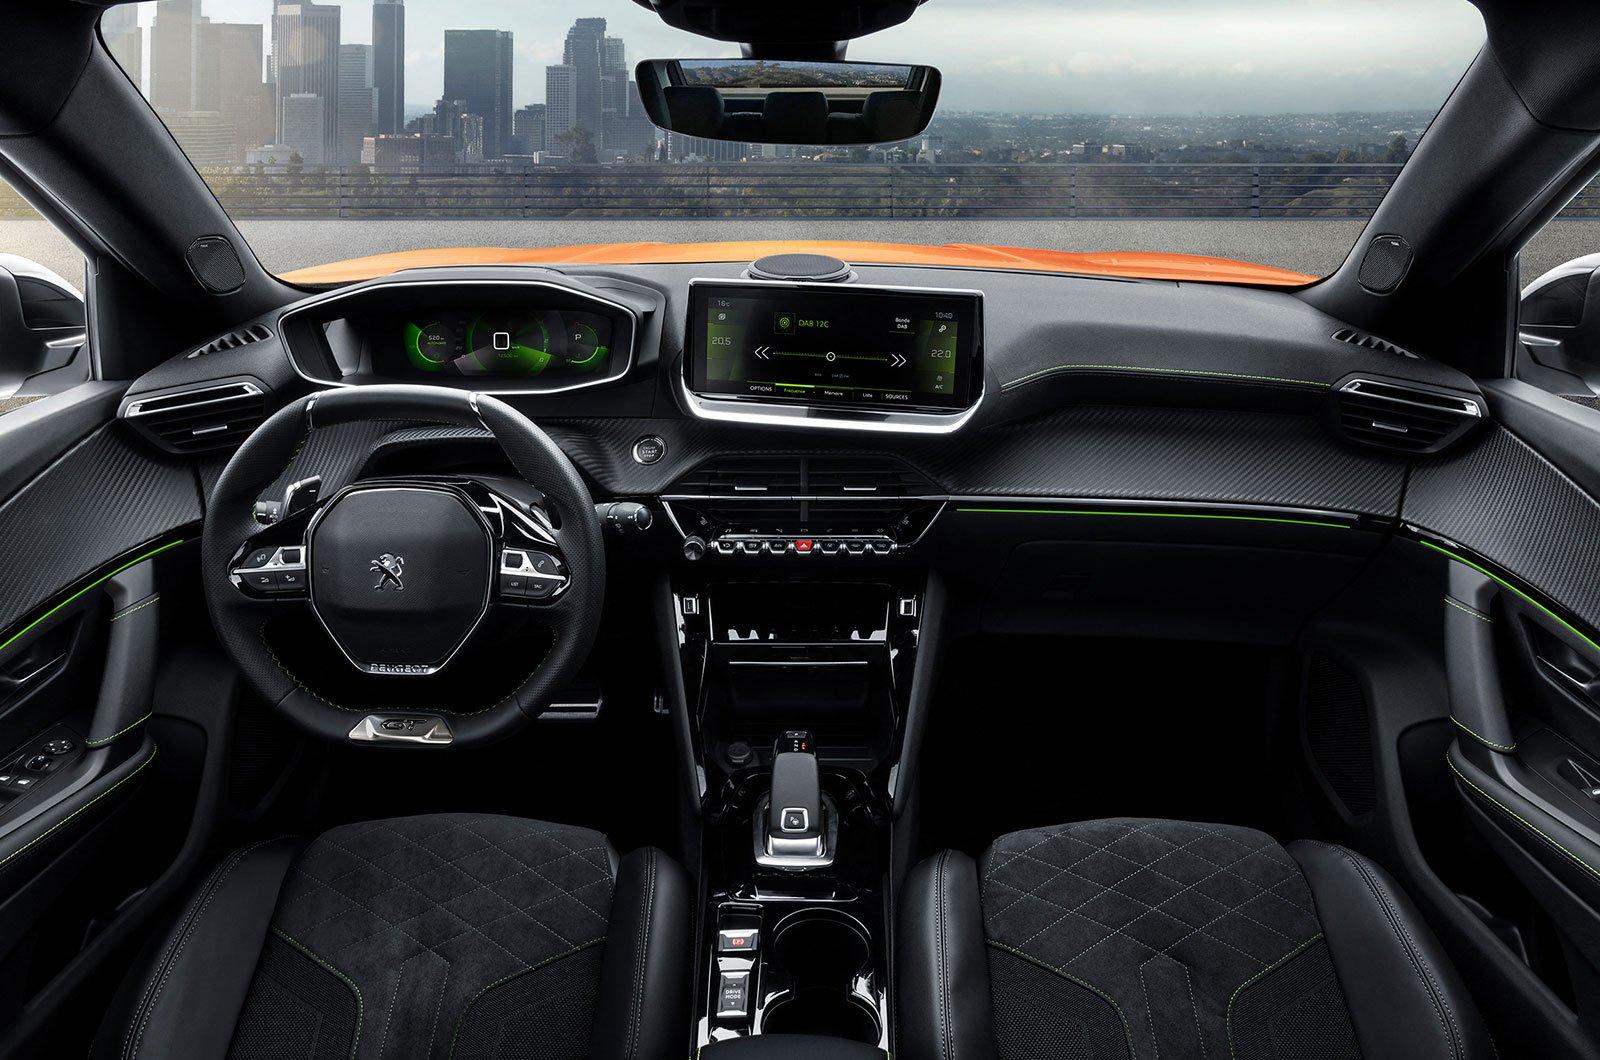 2020 Peugeot 2008 interior